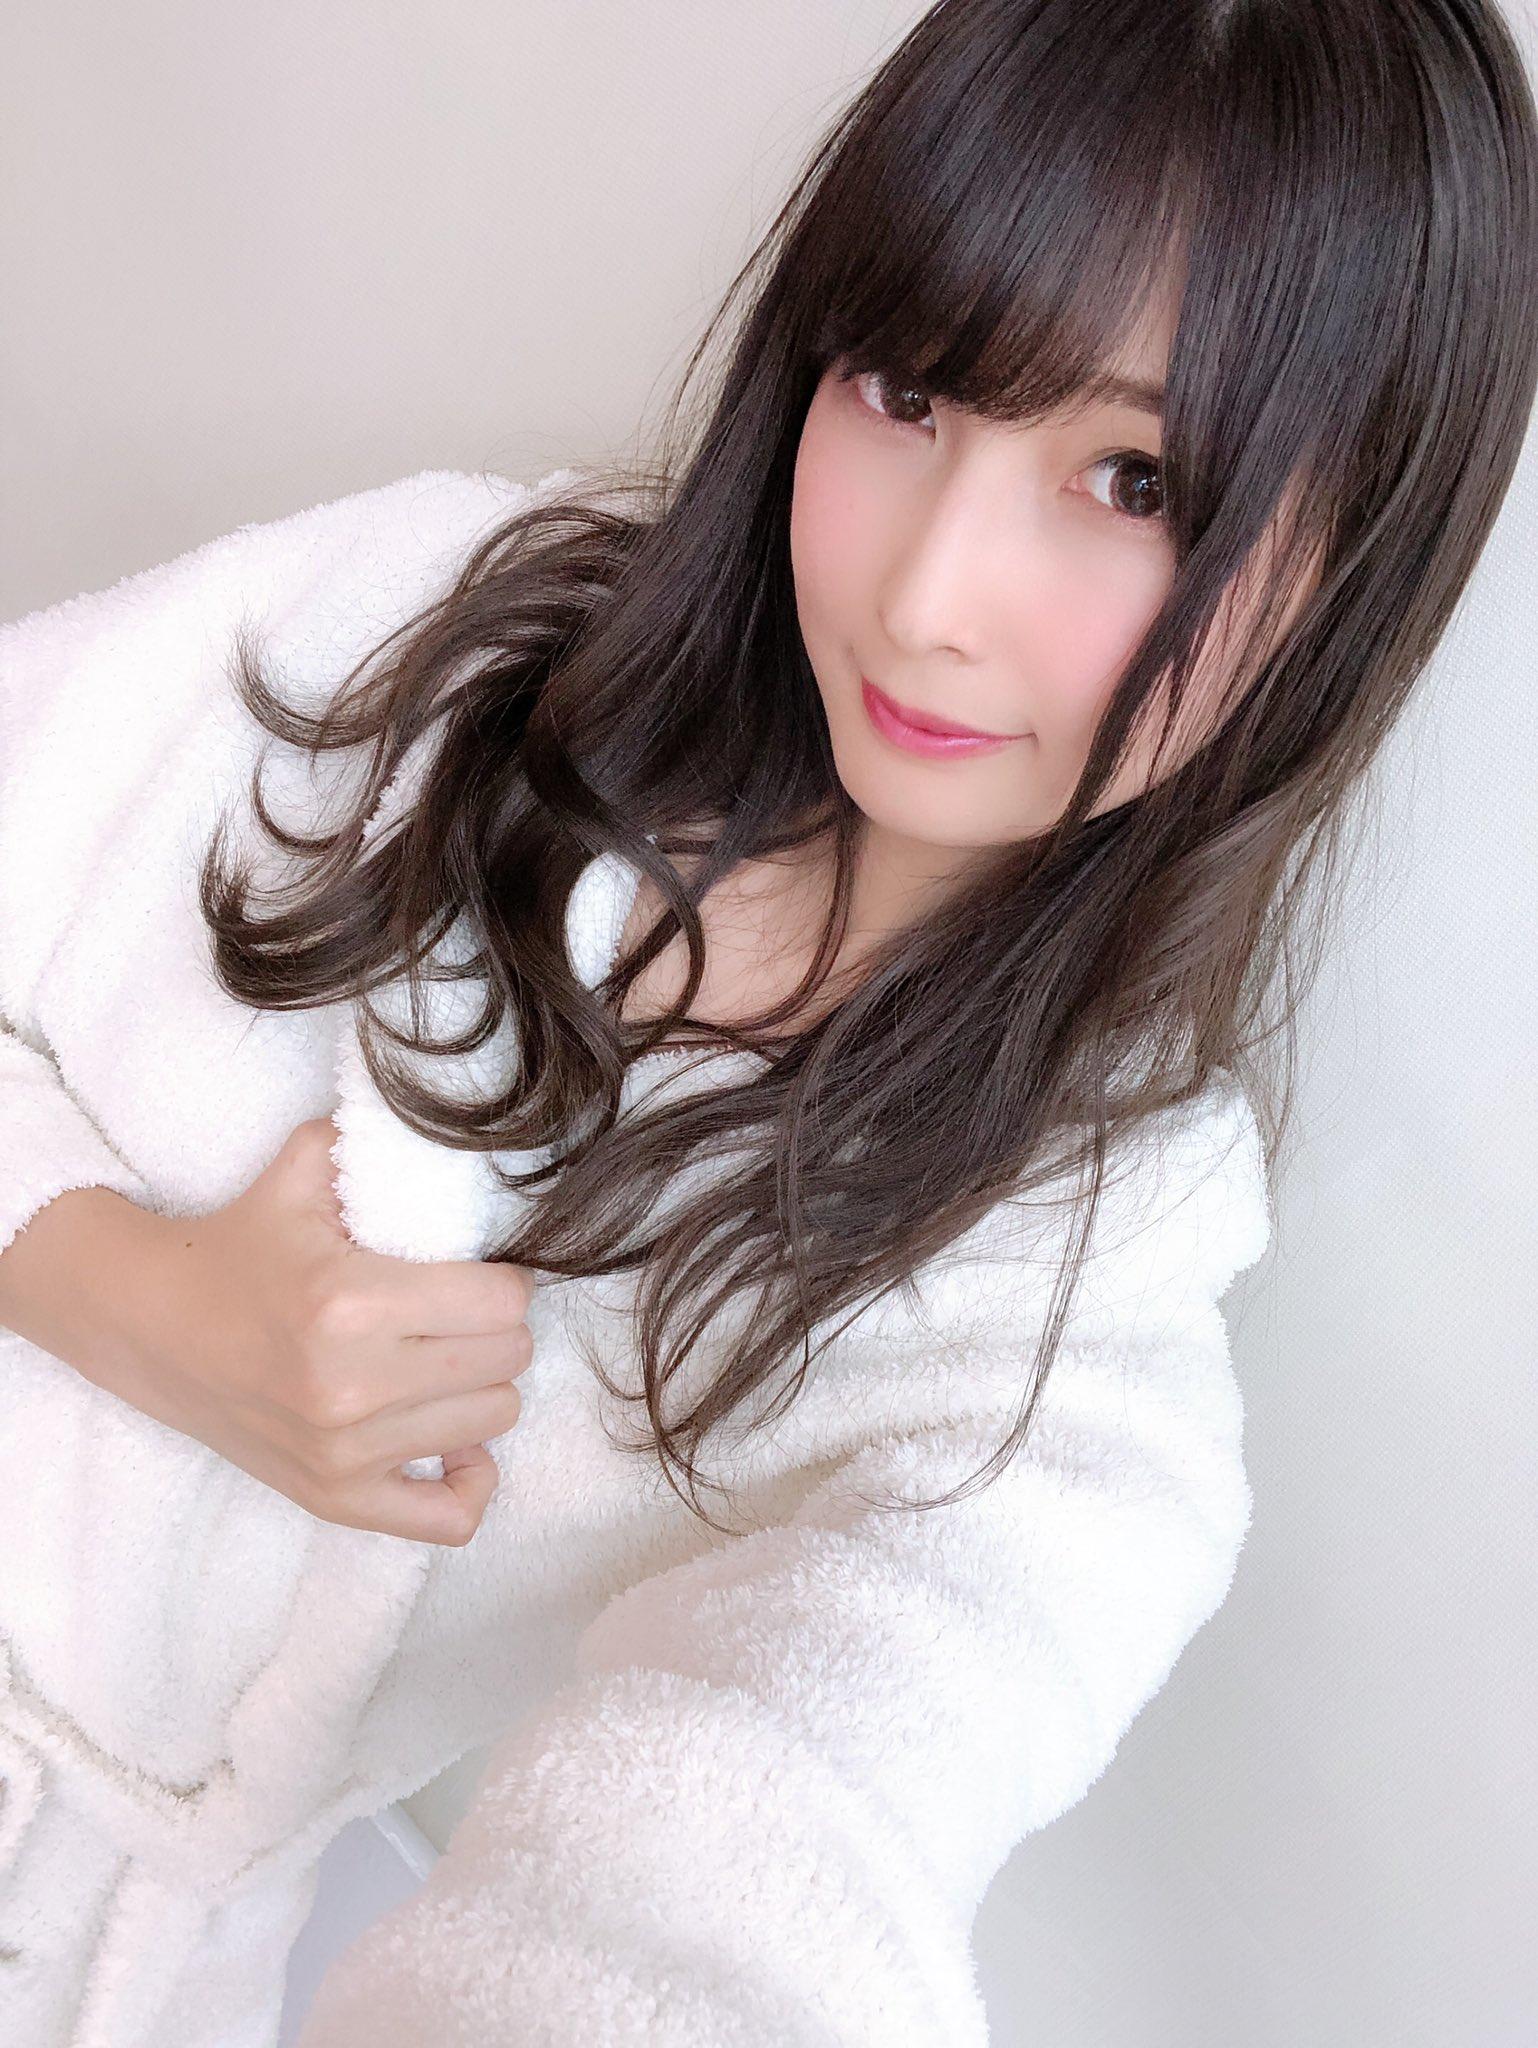 kawasaki__aya 1202076019513008128_p0